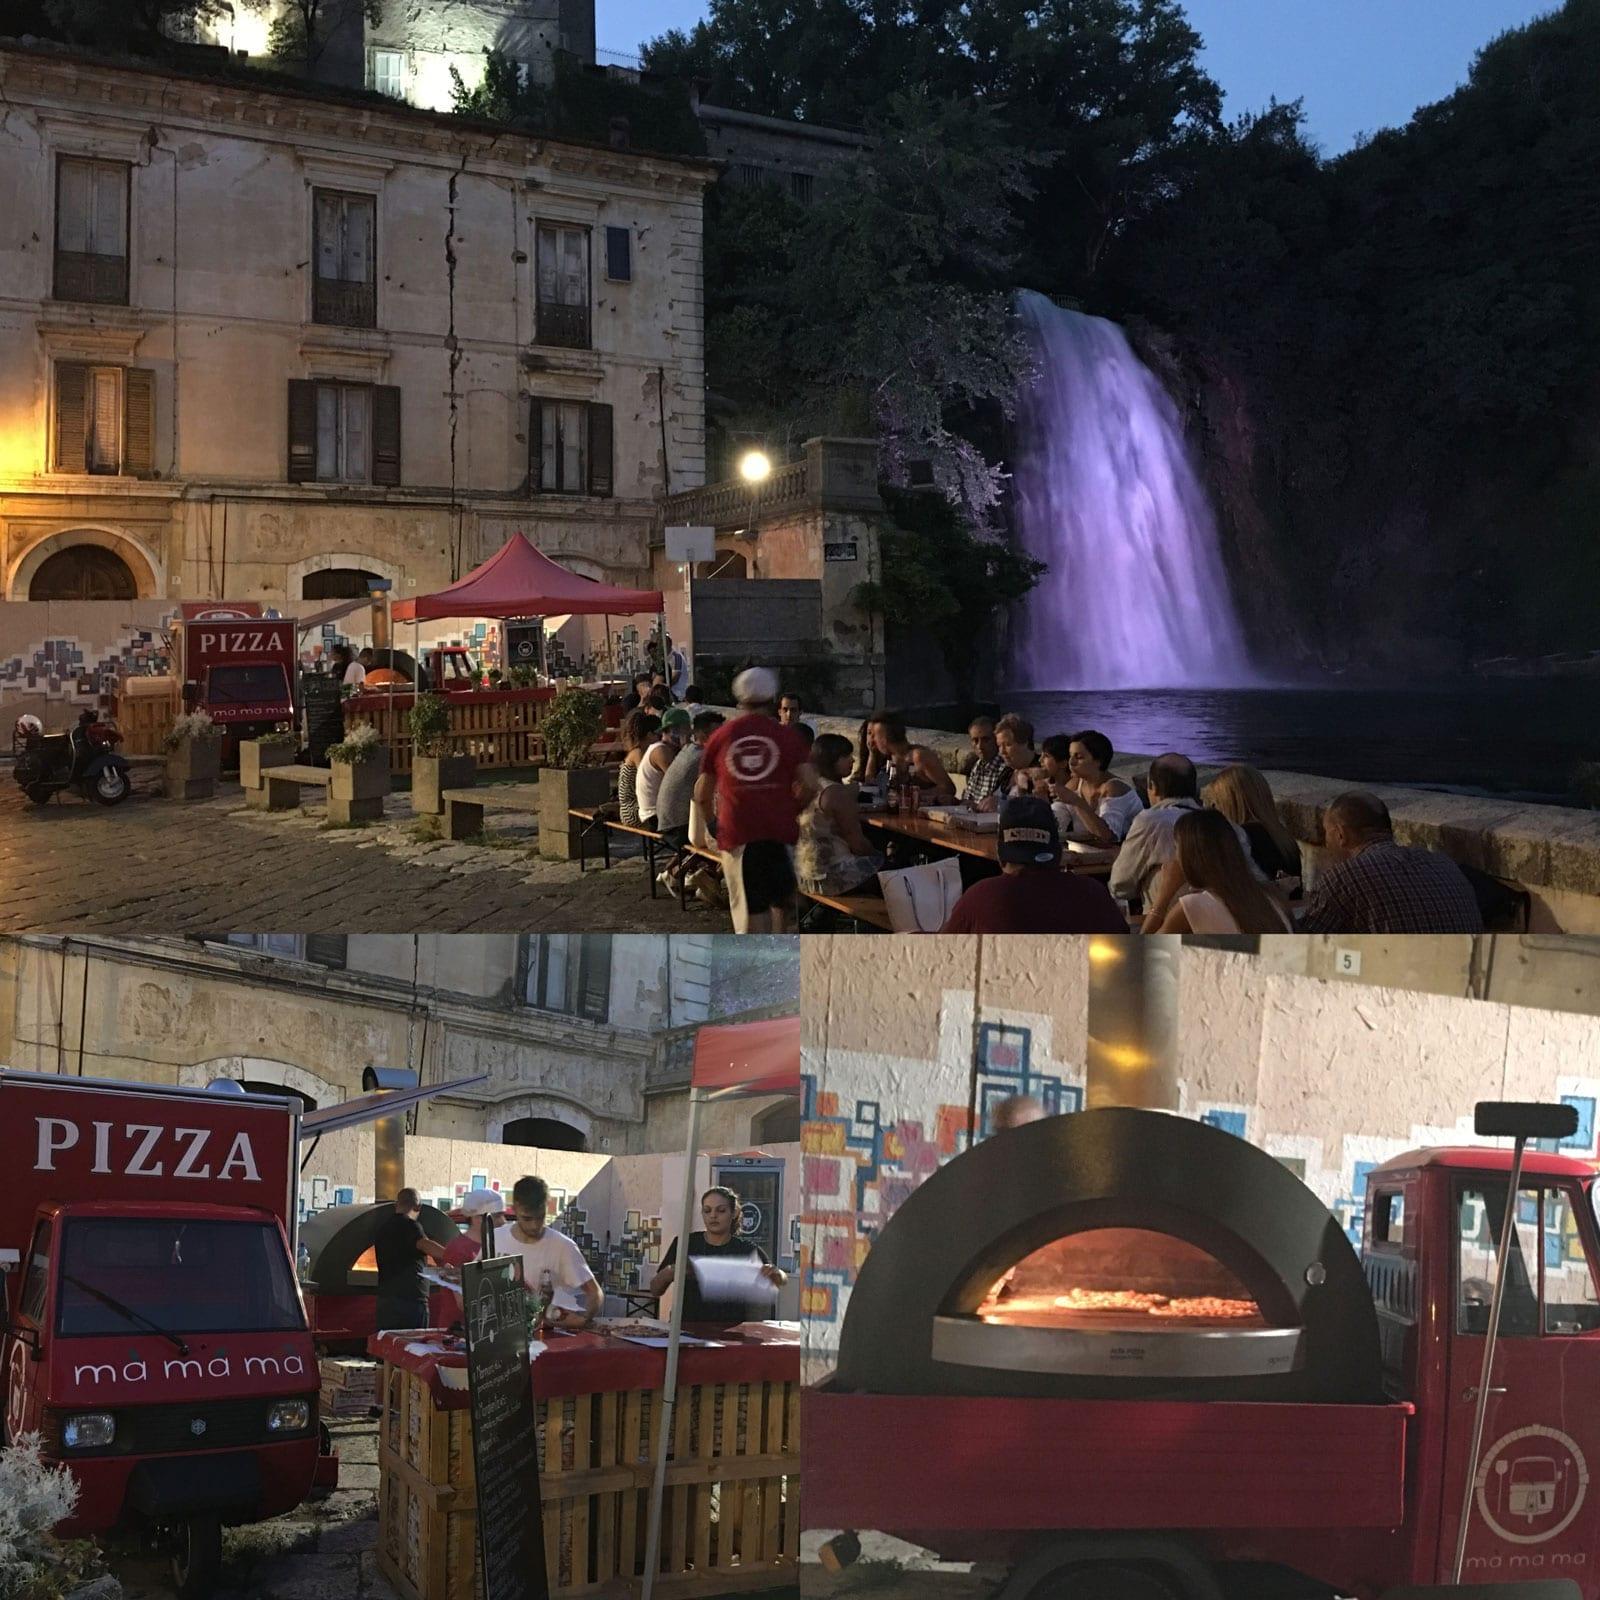 isolaliri-opera-pizzeria-ma-ma-ma